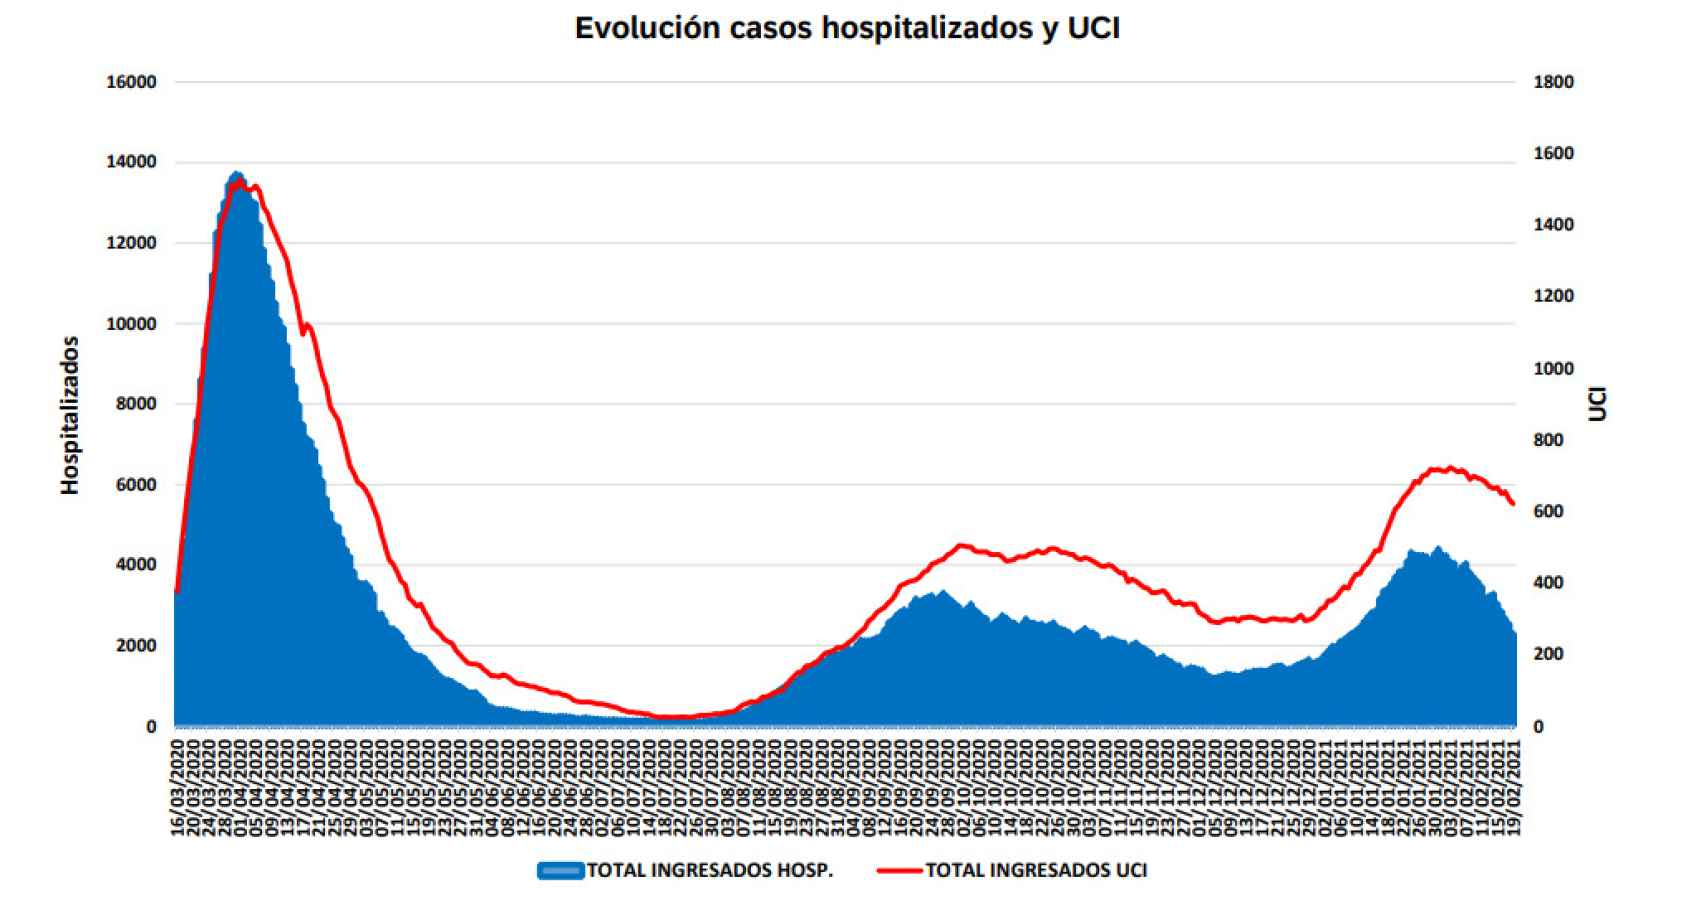 Evolución casos hospitalizados y UCI.